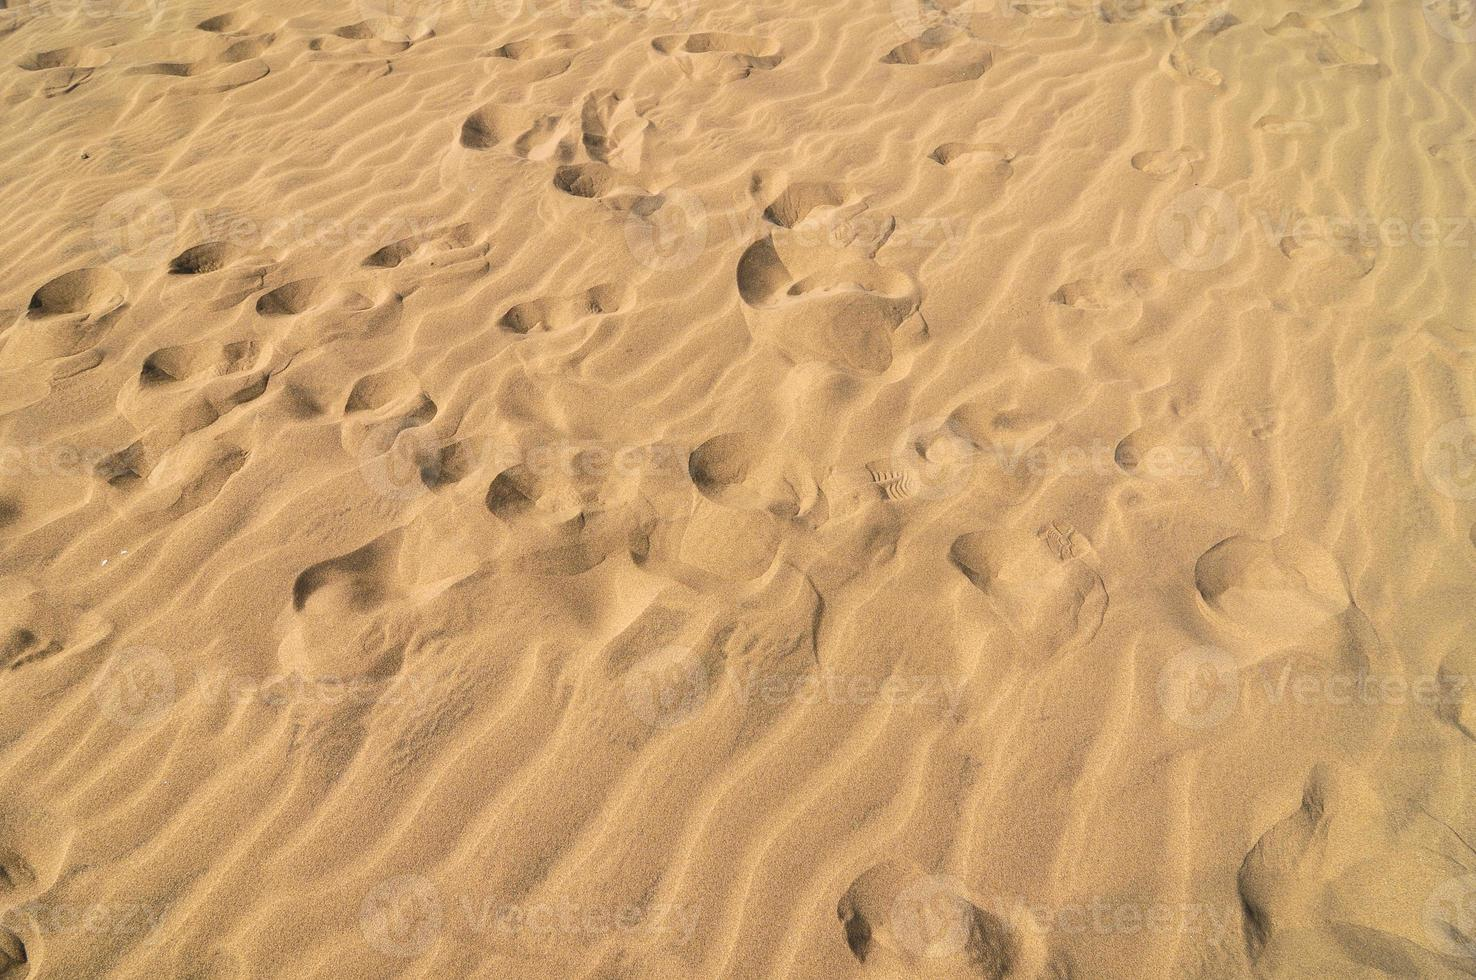 desierto de dunas de arena foto